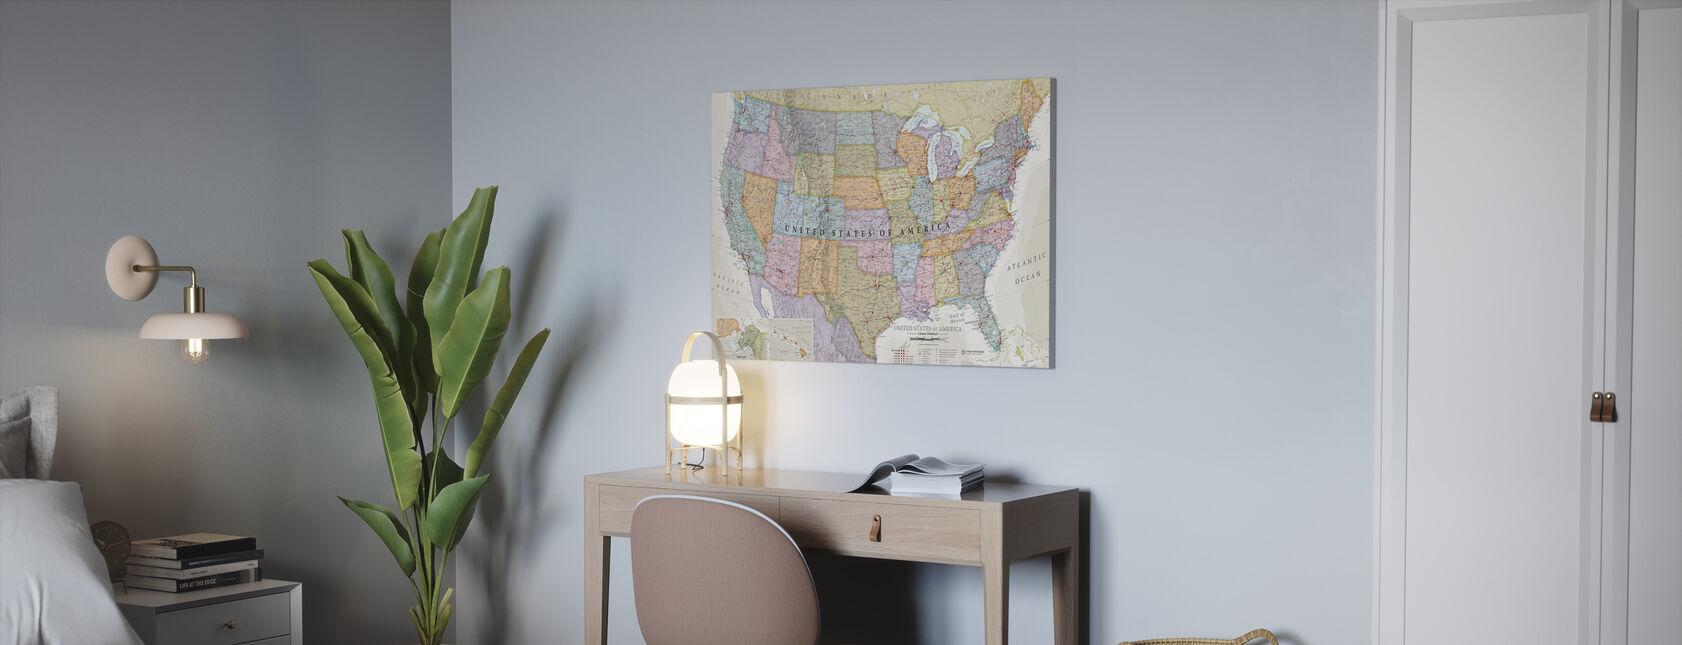 Classic Political USA Karta - Canvastavla - Kontor